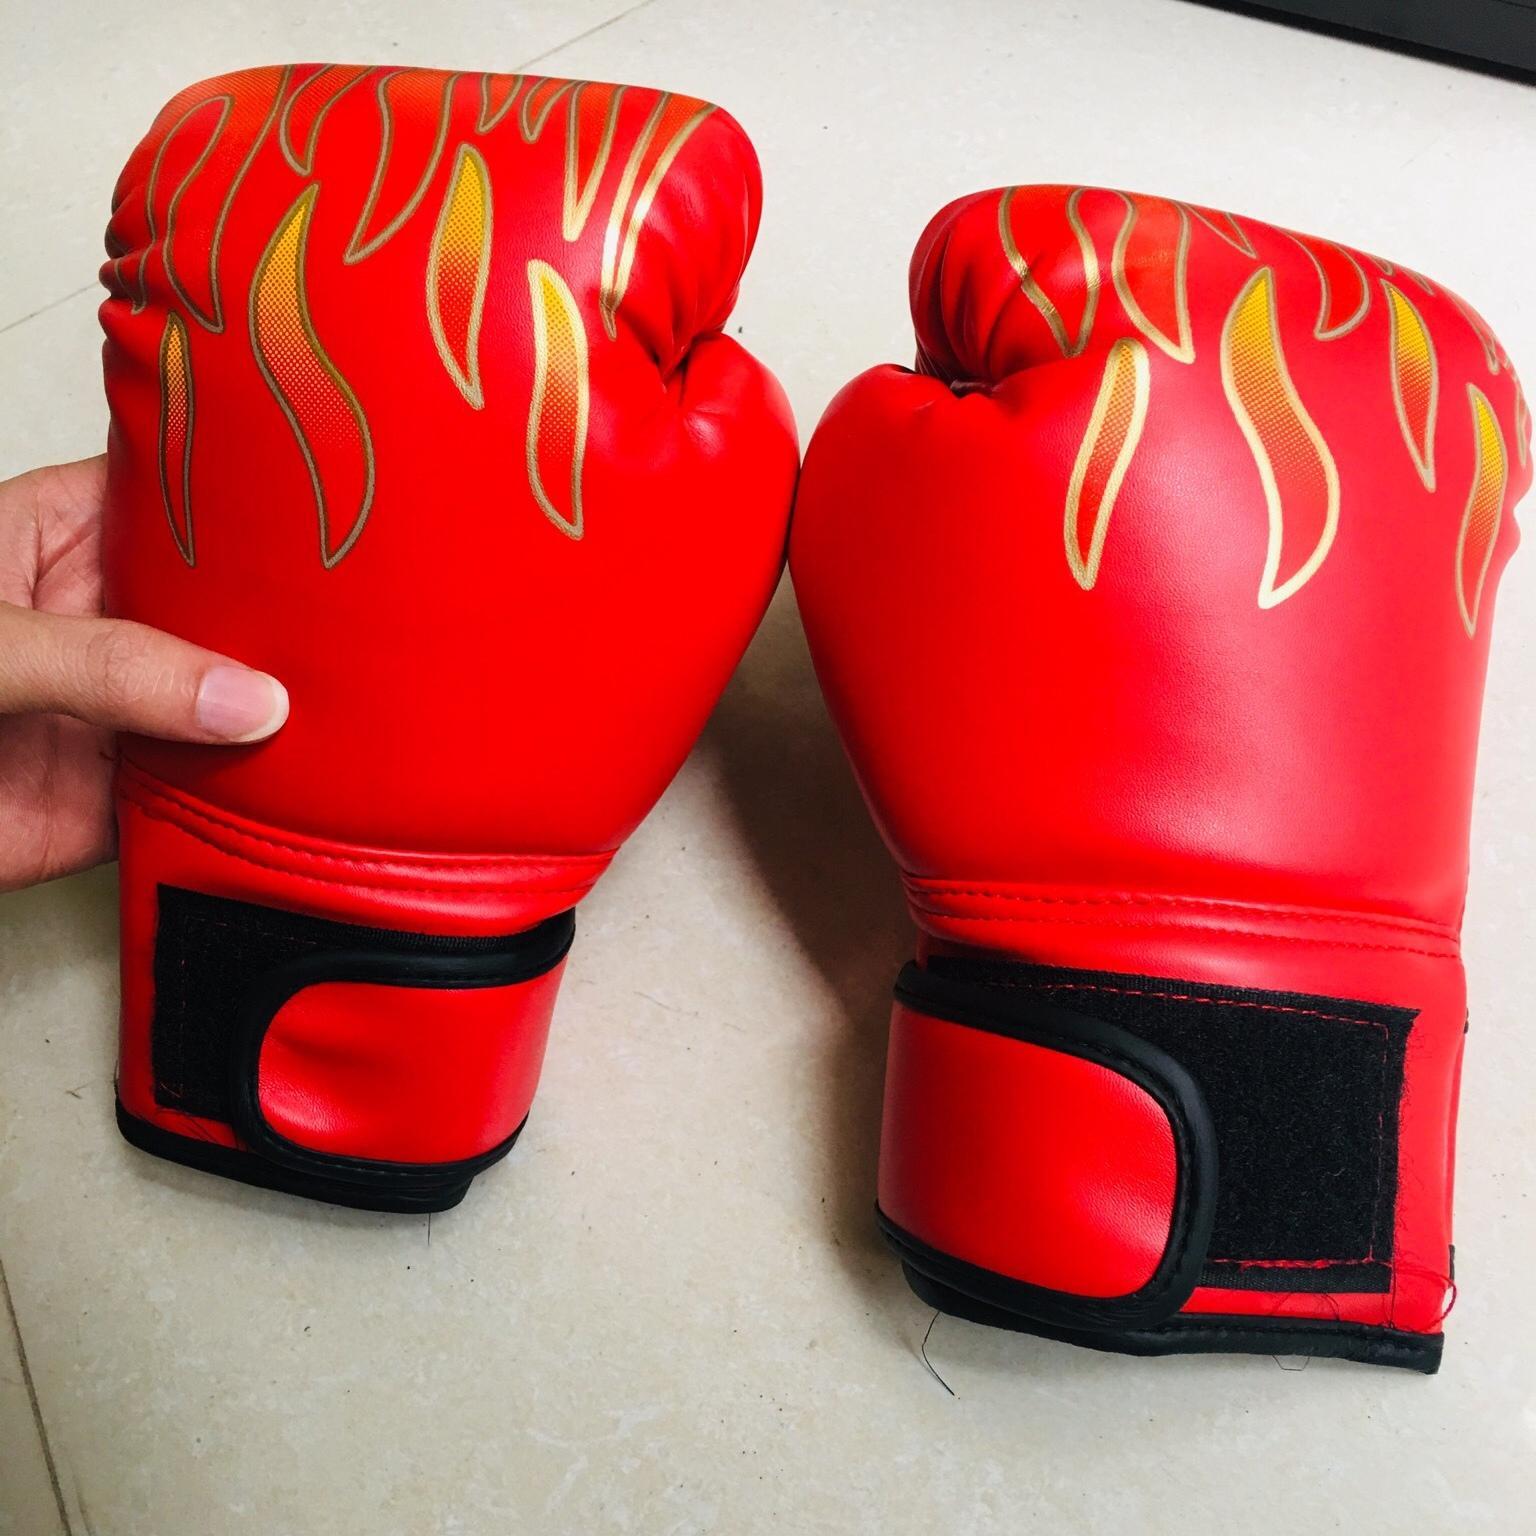 Mã Khuyến Mại Găng Bao Tay đấm Bốc Trẻ Em 6 - 13 Tuổi – Găng Tập Boxing Cho Trẻ Em.